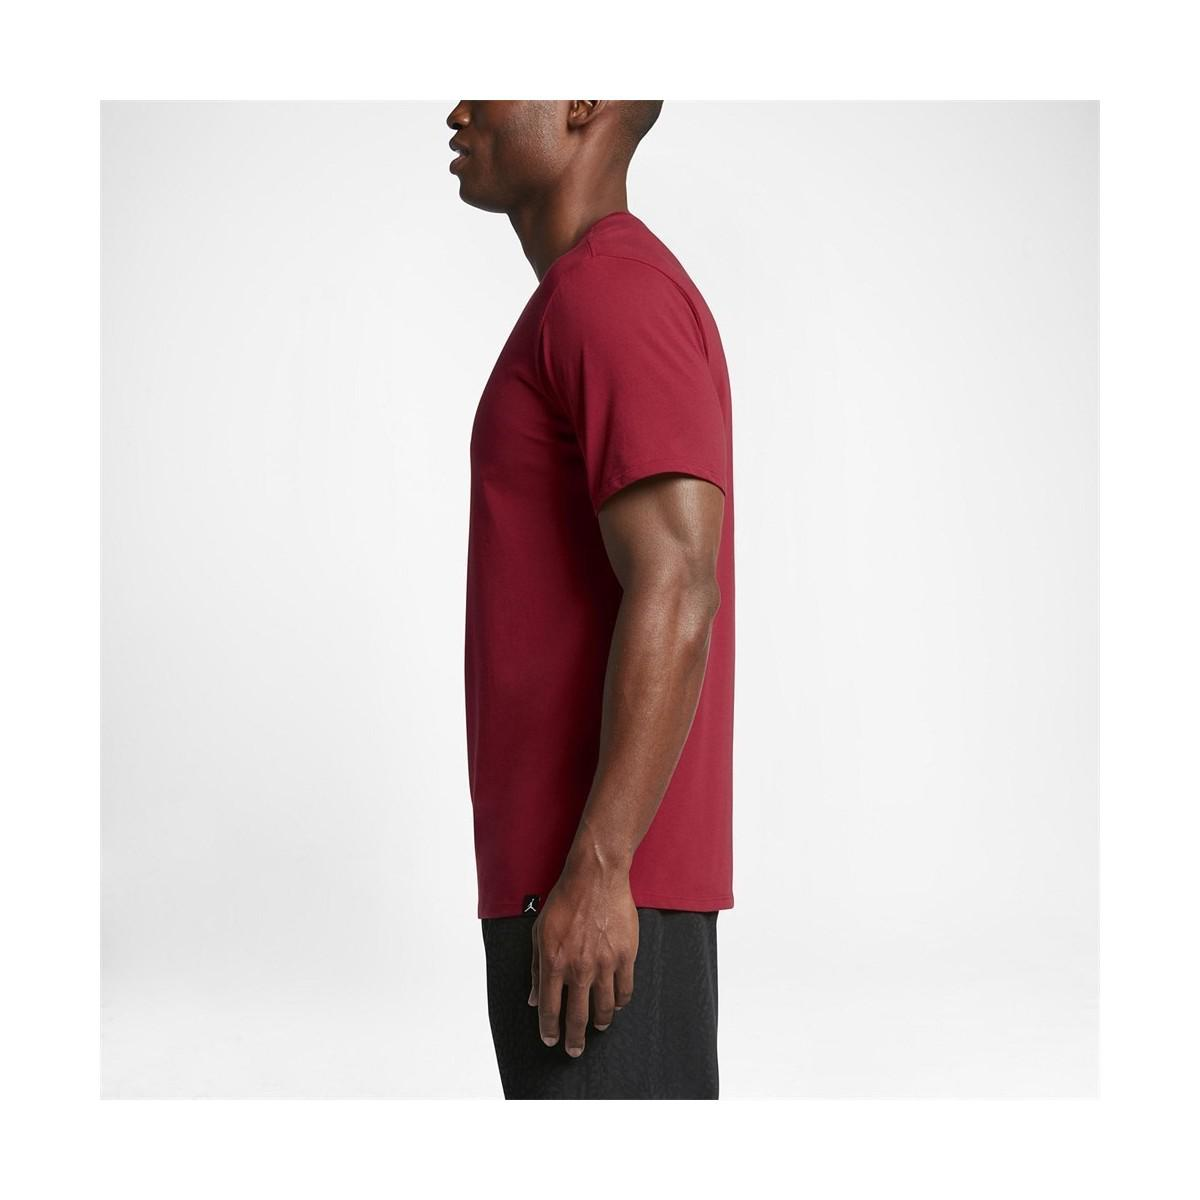 cd734819b0 Nike Jordan Sportswear 840394 687 Men's T Shirt In Multicolour in ...